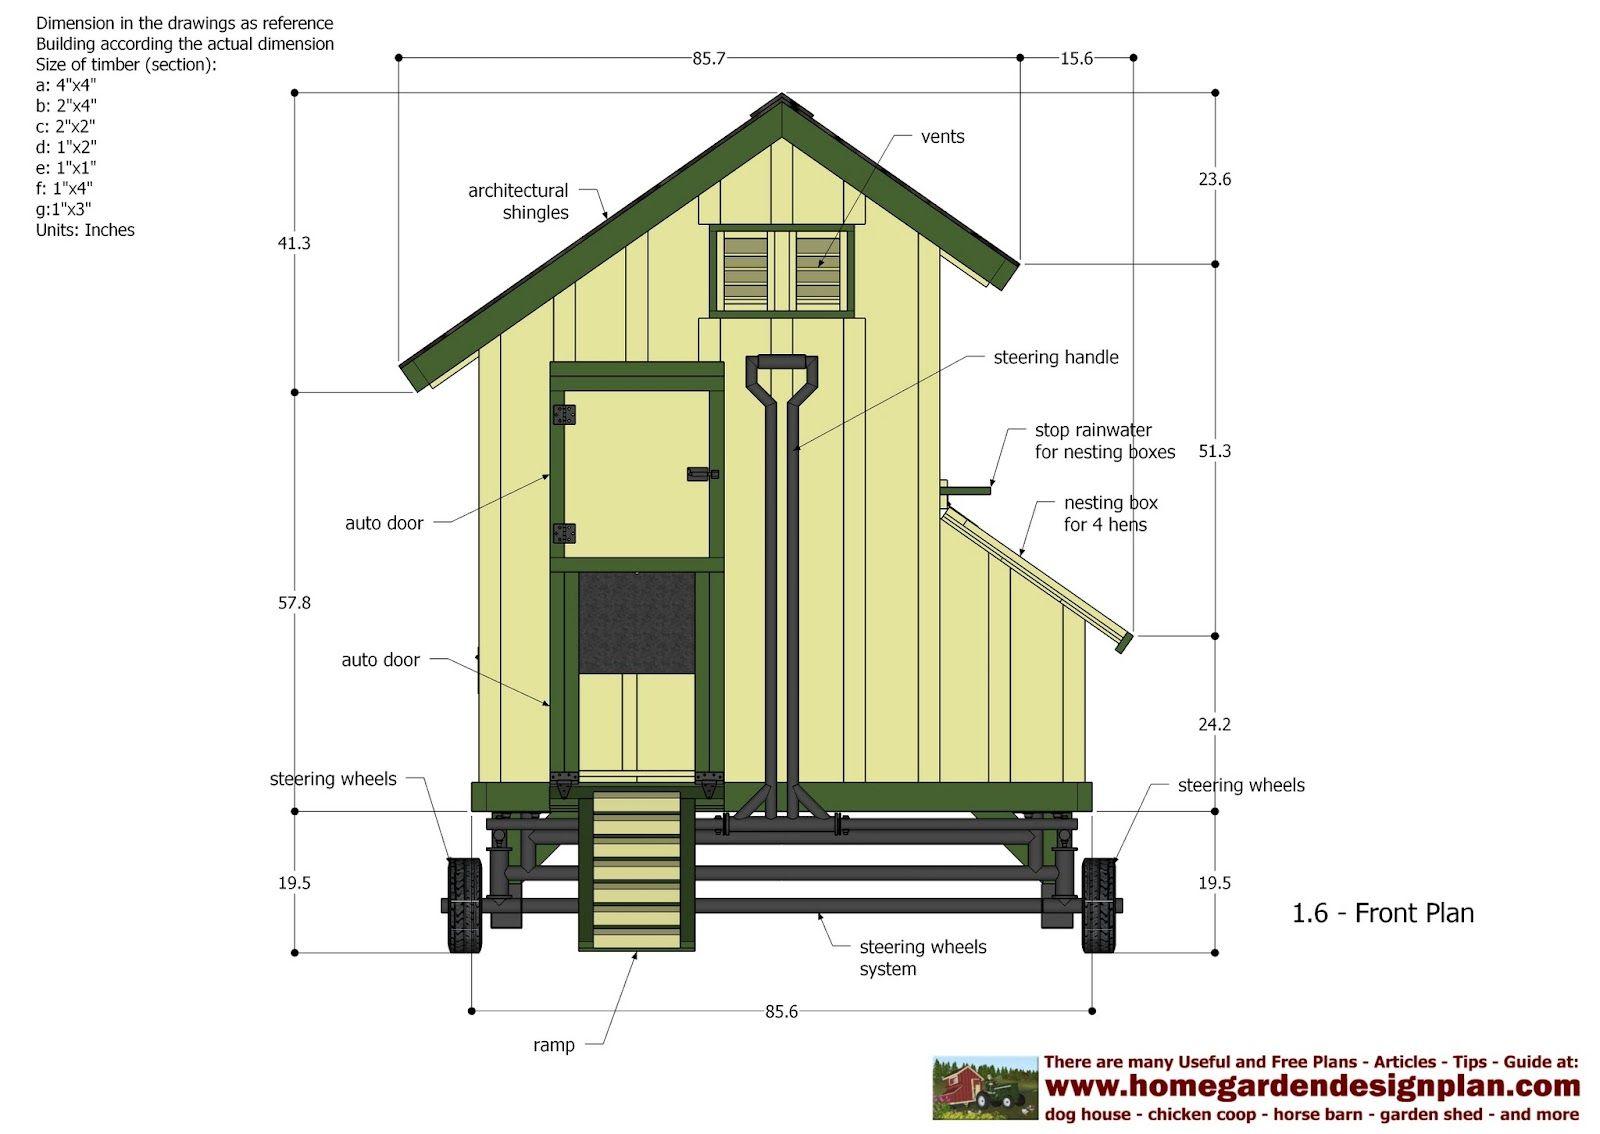 Floor Plans For Tractor Trailer Chicken Co Op Plans Free Download Coop Plans Chicken Coop Plans Mobile Chicken Coop